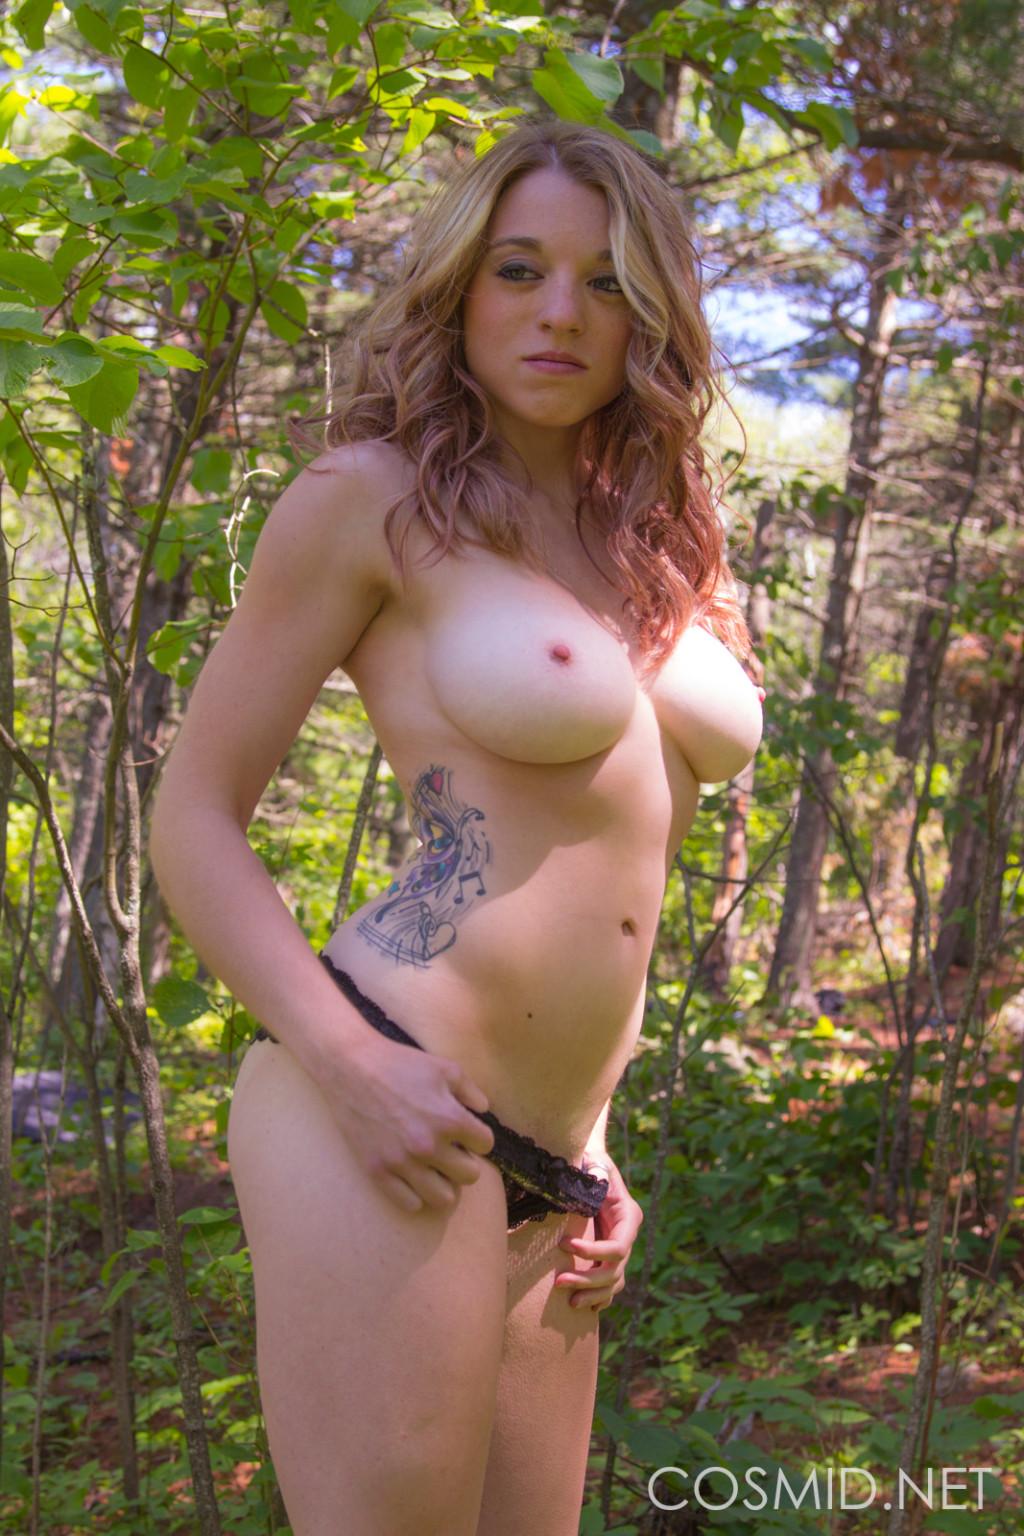 Девушка оказывается на природе и сразу же решается раздеться перед камерой